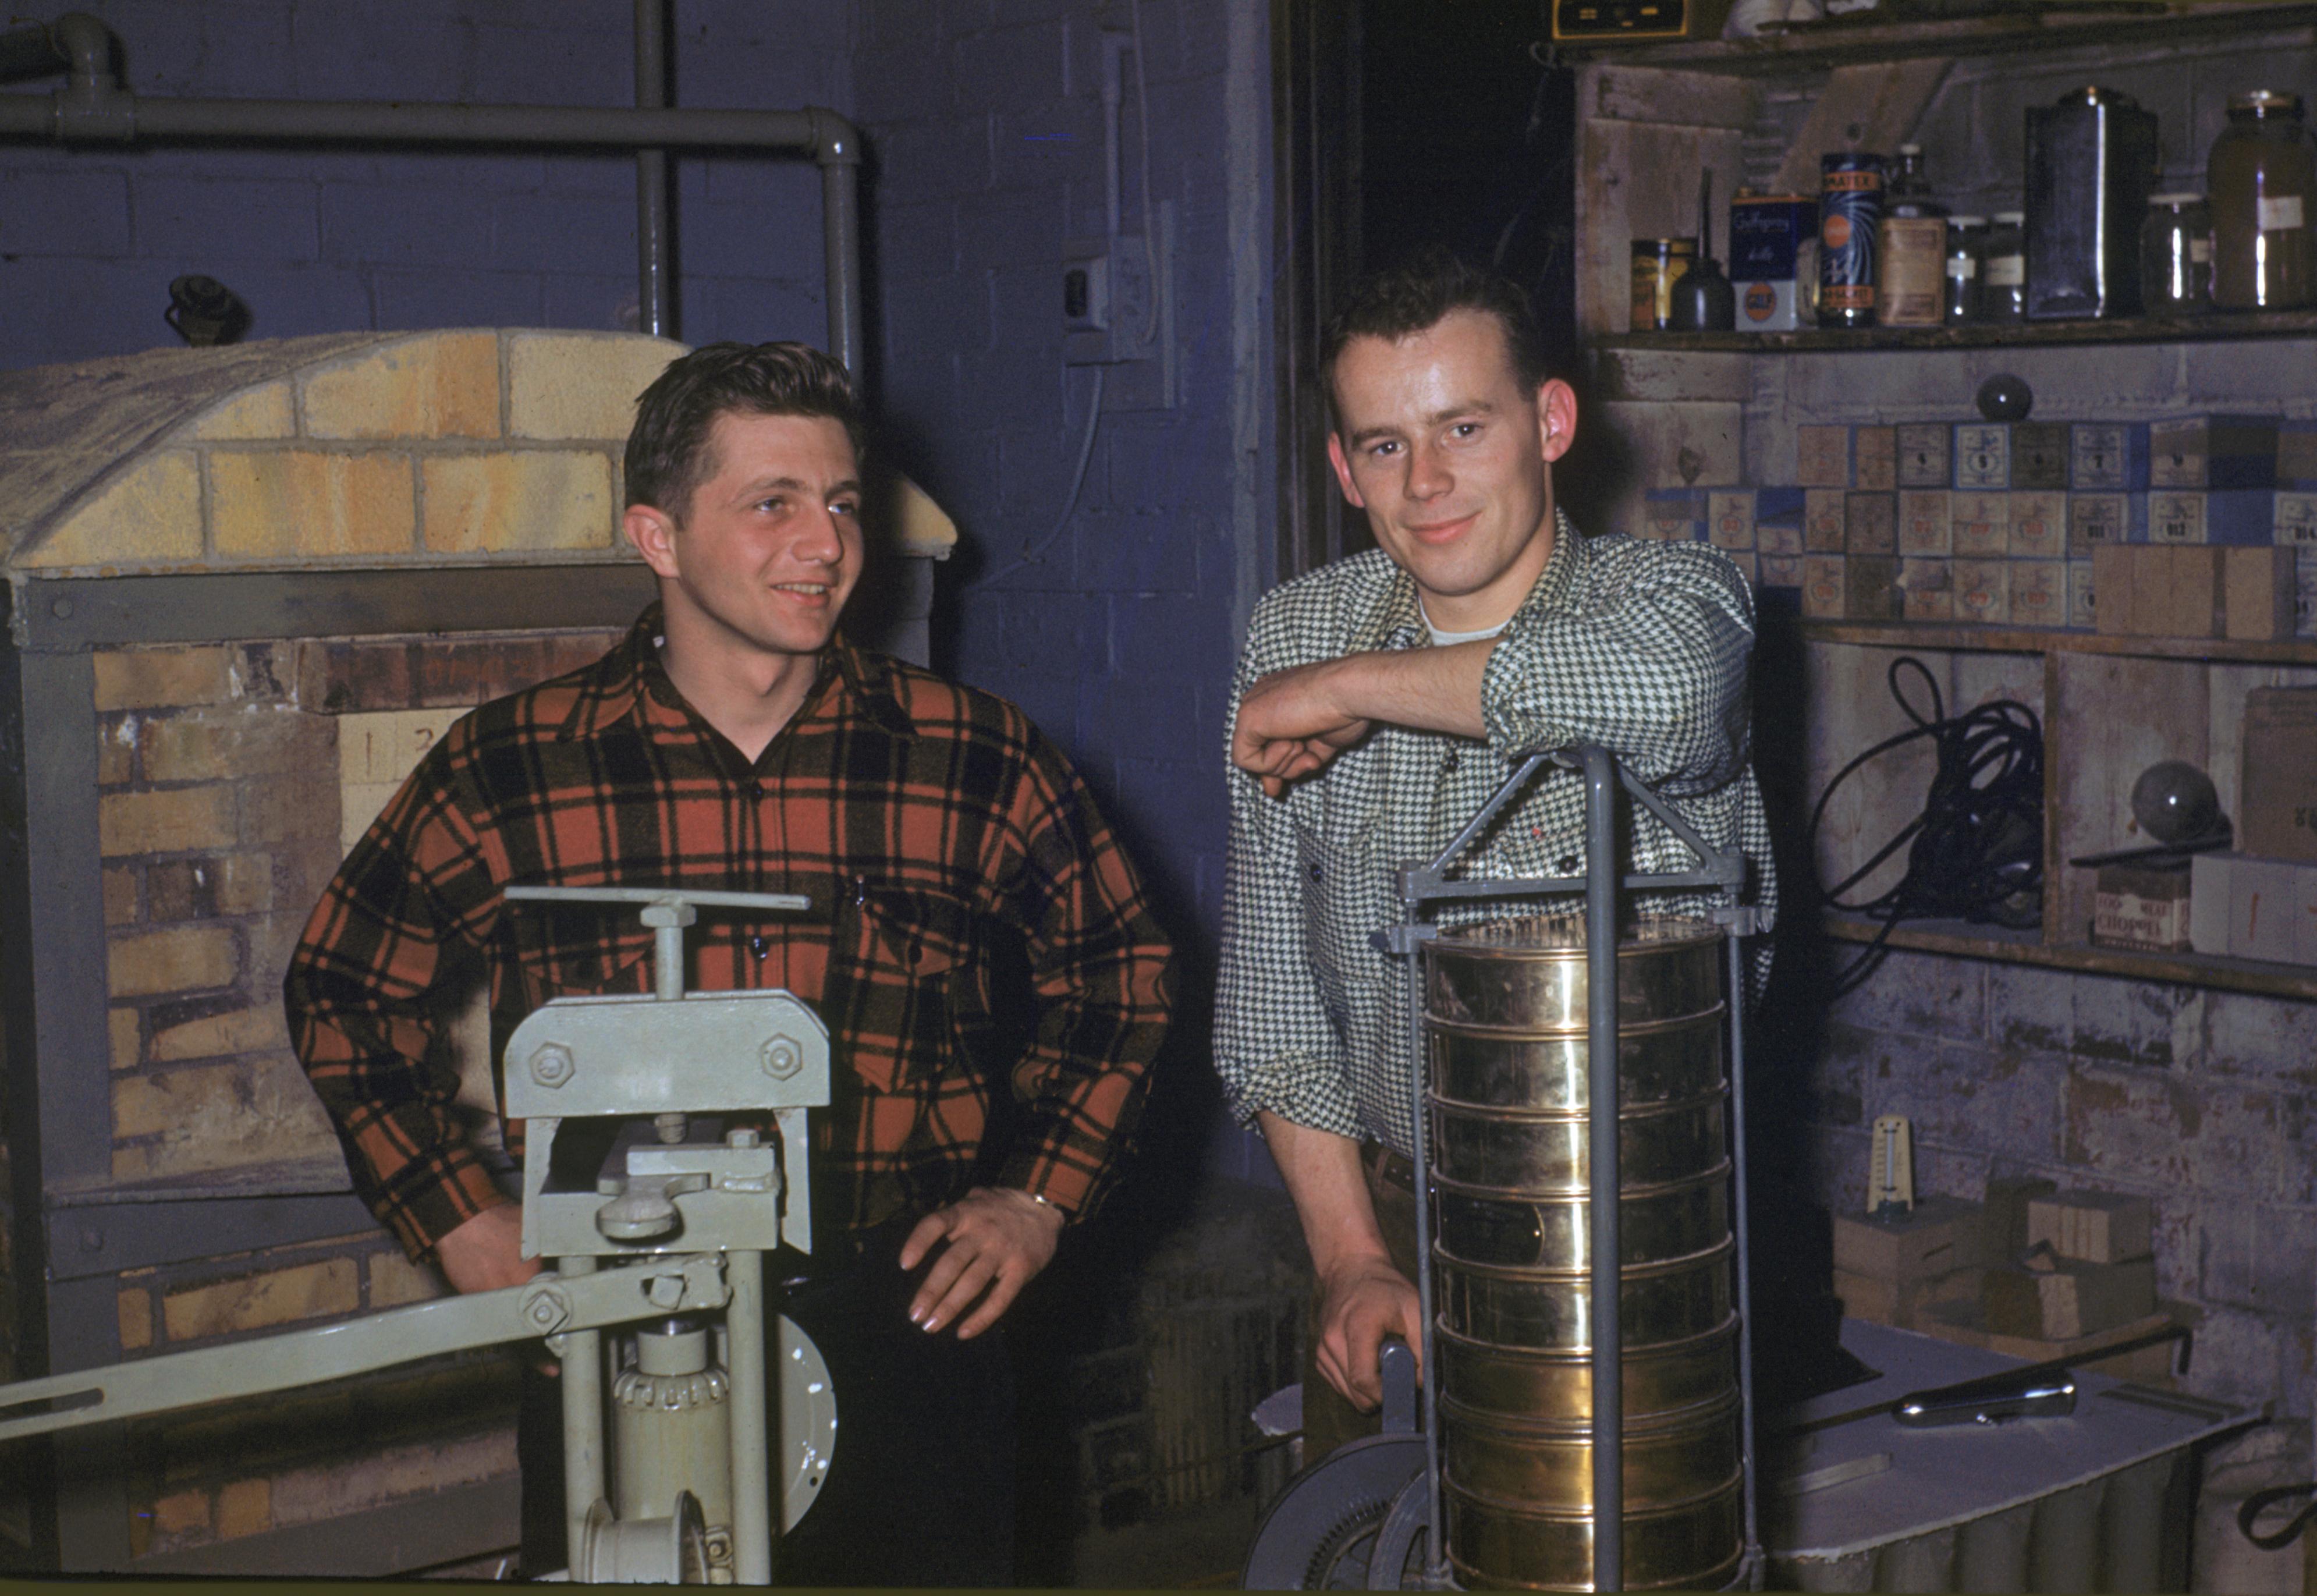 John Junior and Jim Crow in lab